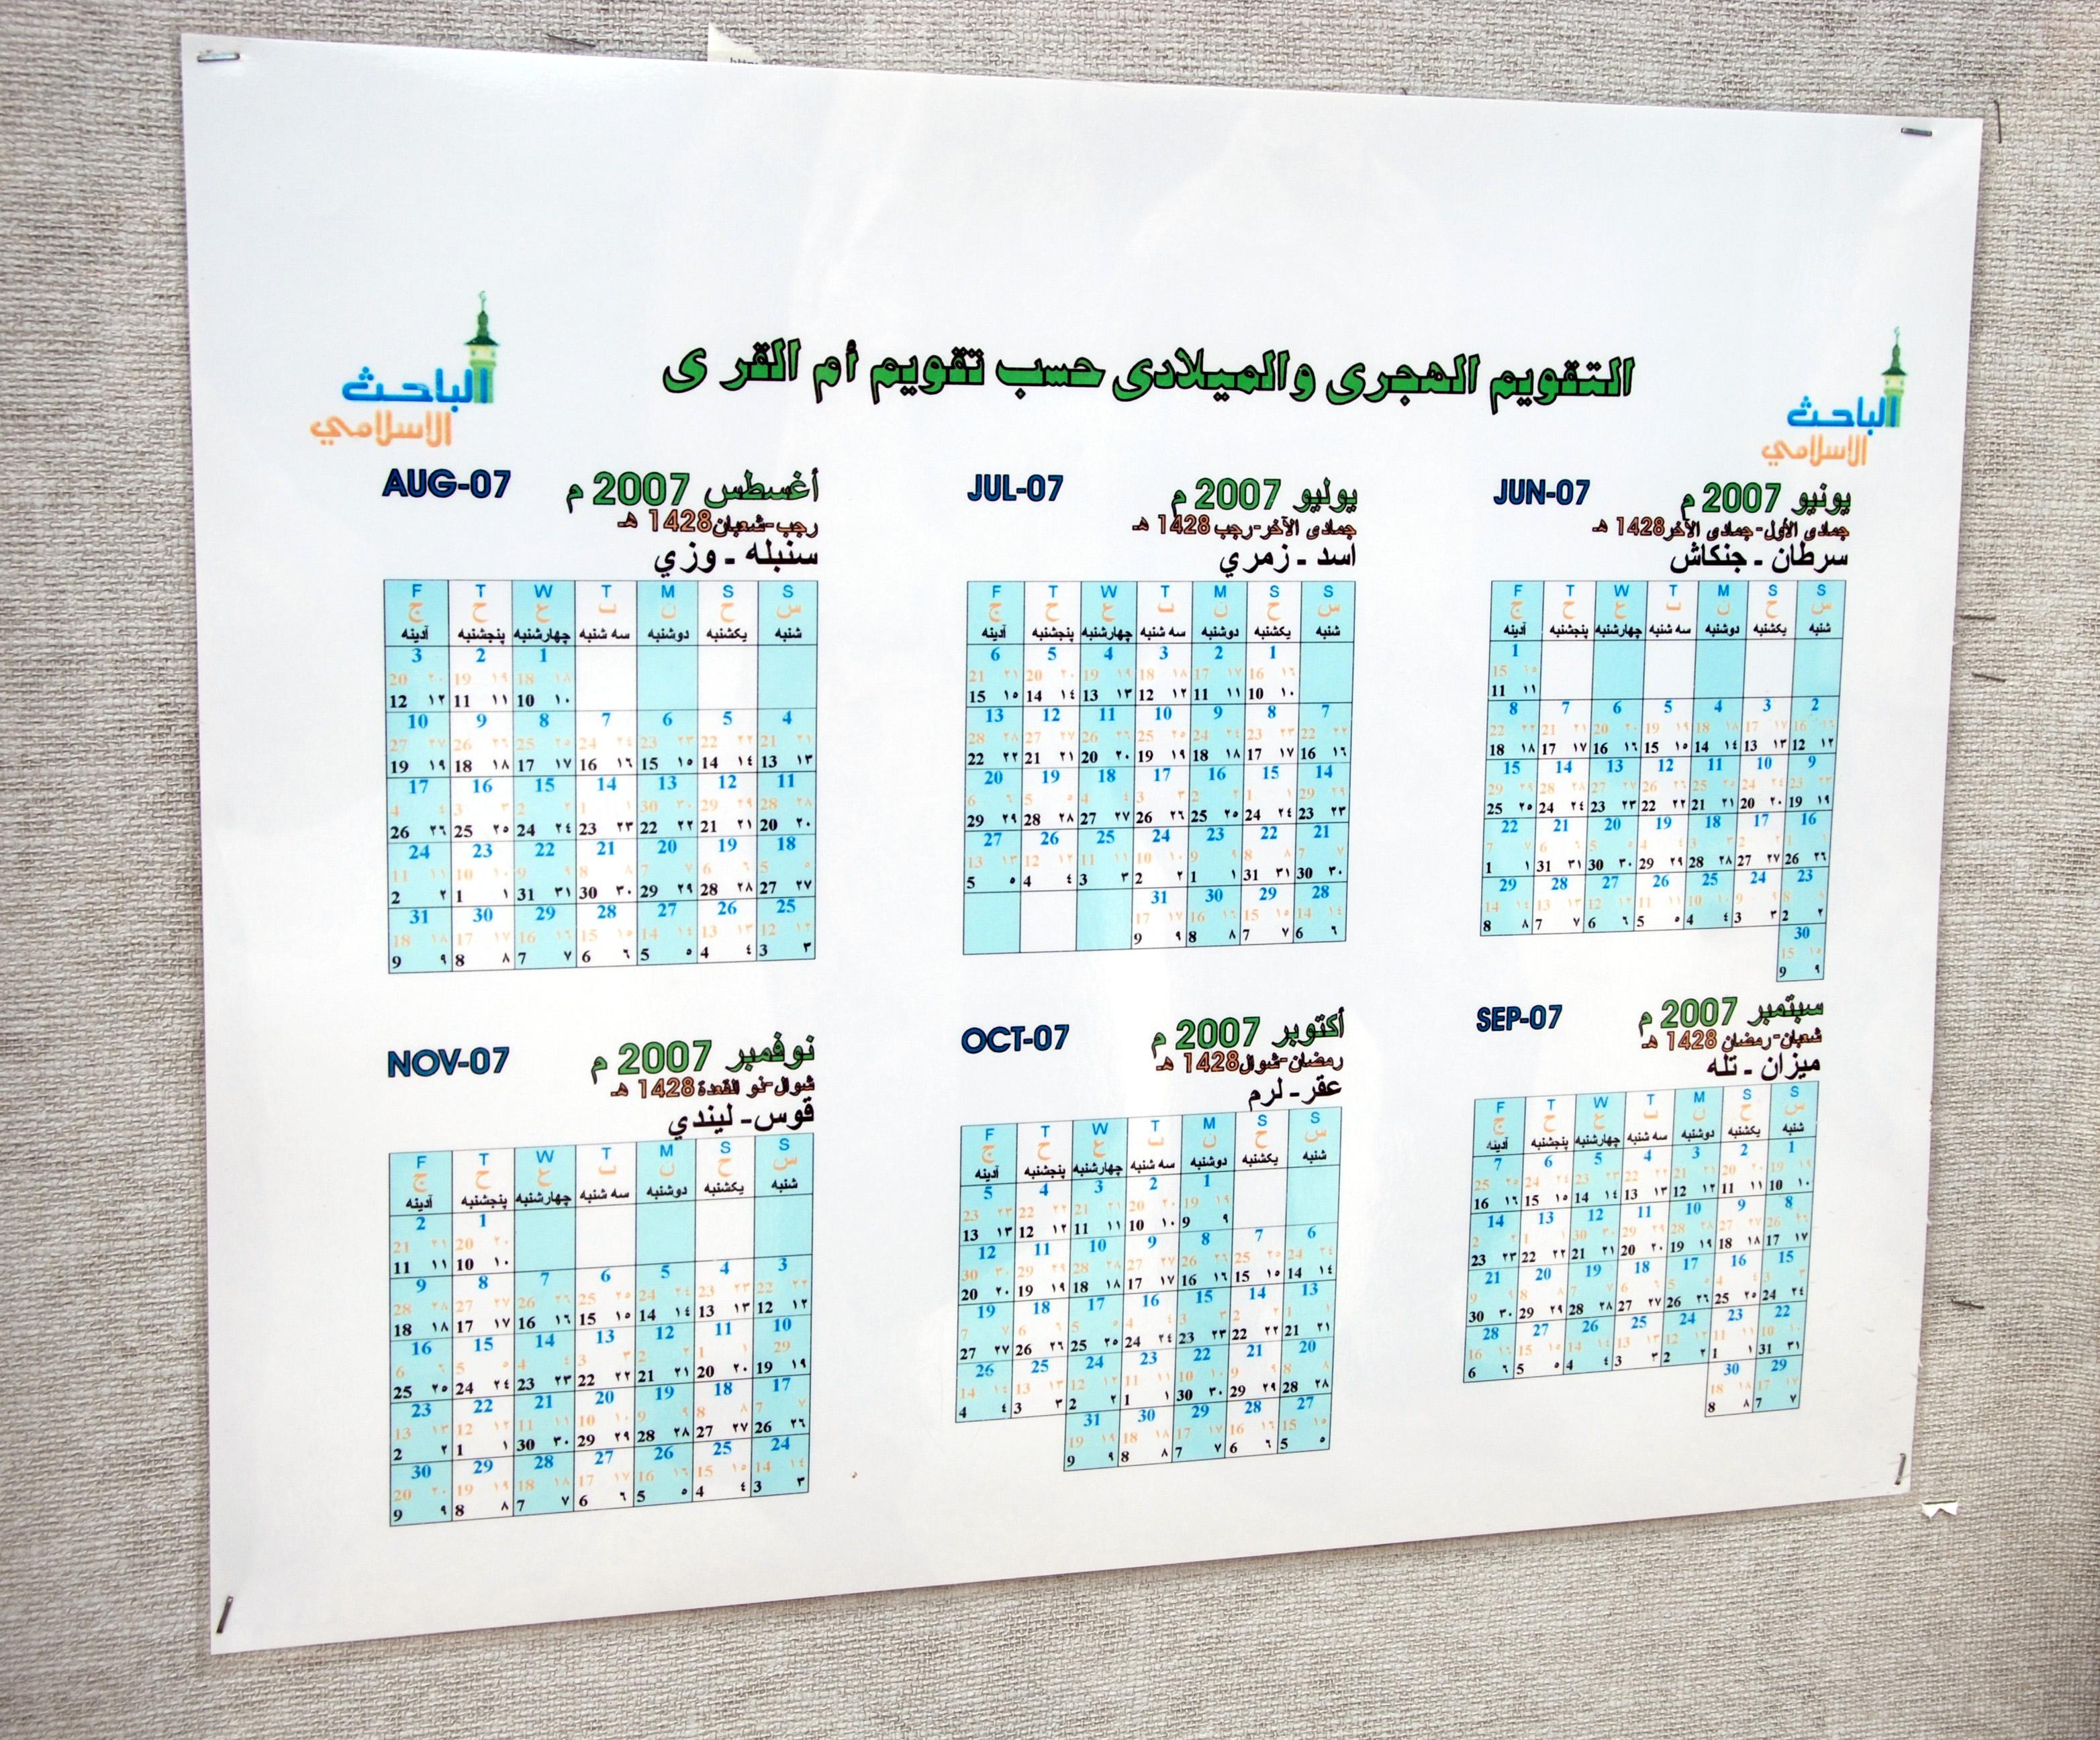 Religious_calendar,_Camp_5,_Guantanamo